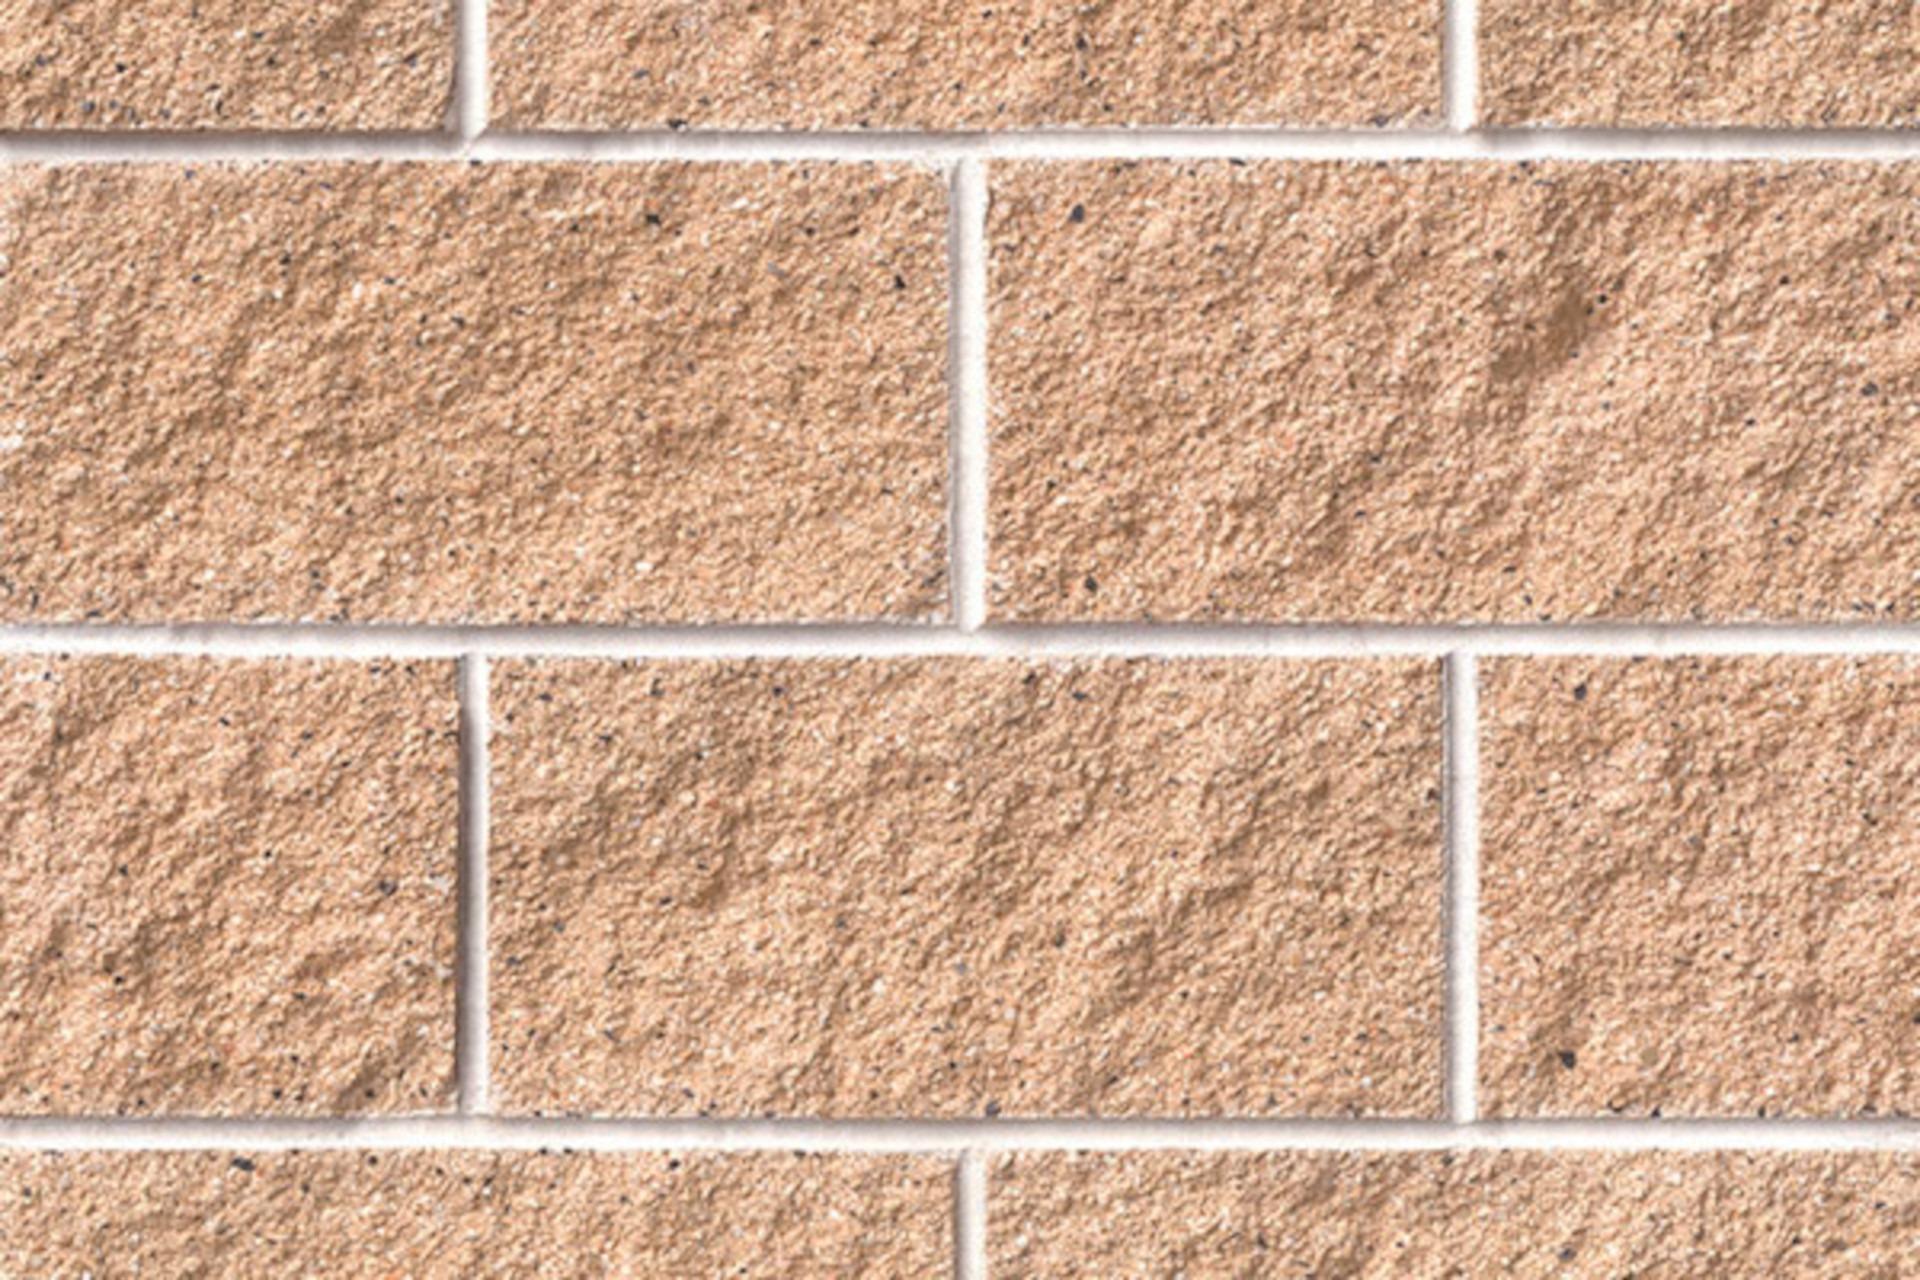 220 Sandy Brown Concrete Block